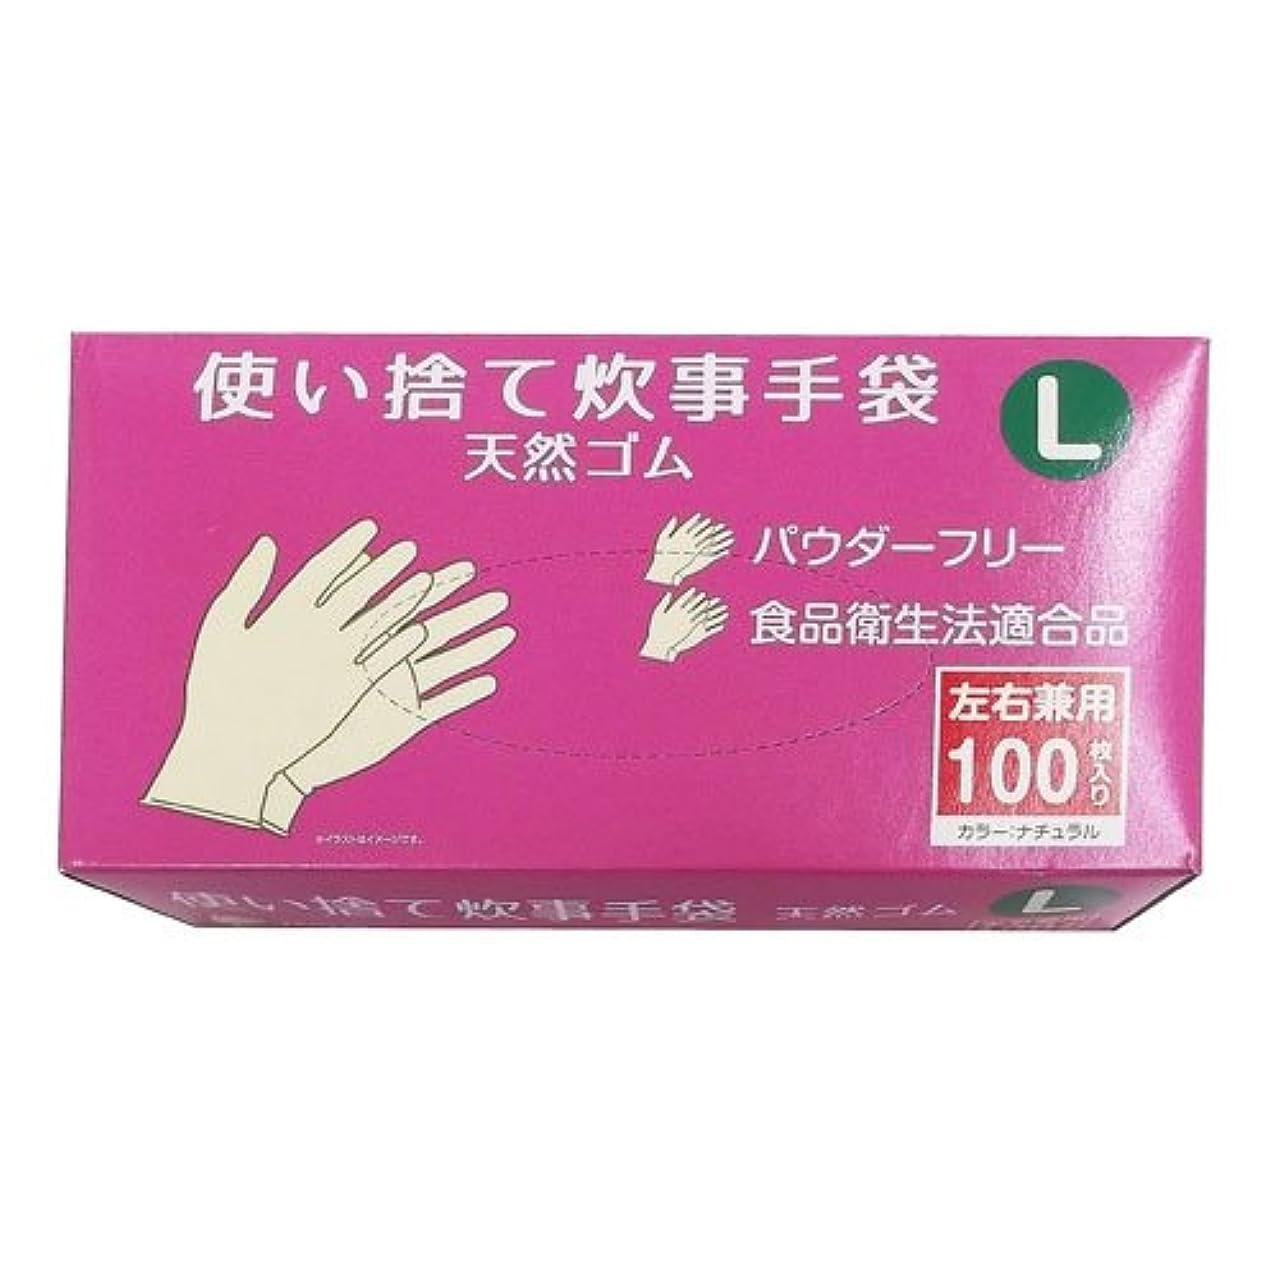 カスケード毛細血管ヶ月目コーナンオリジナル 使い捨て 炊事手袋 天然ゴム 100枚入り L